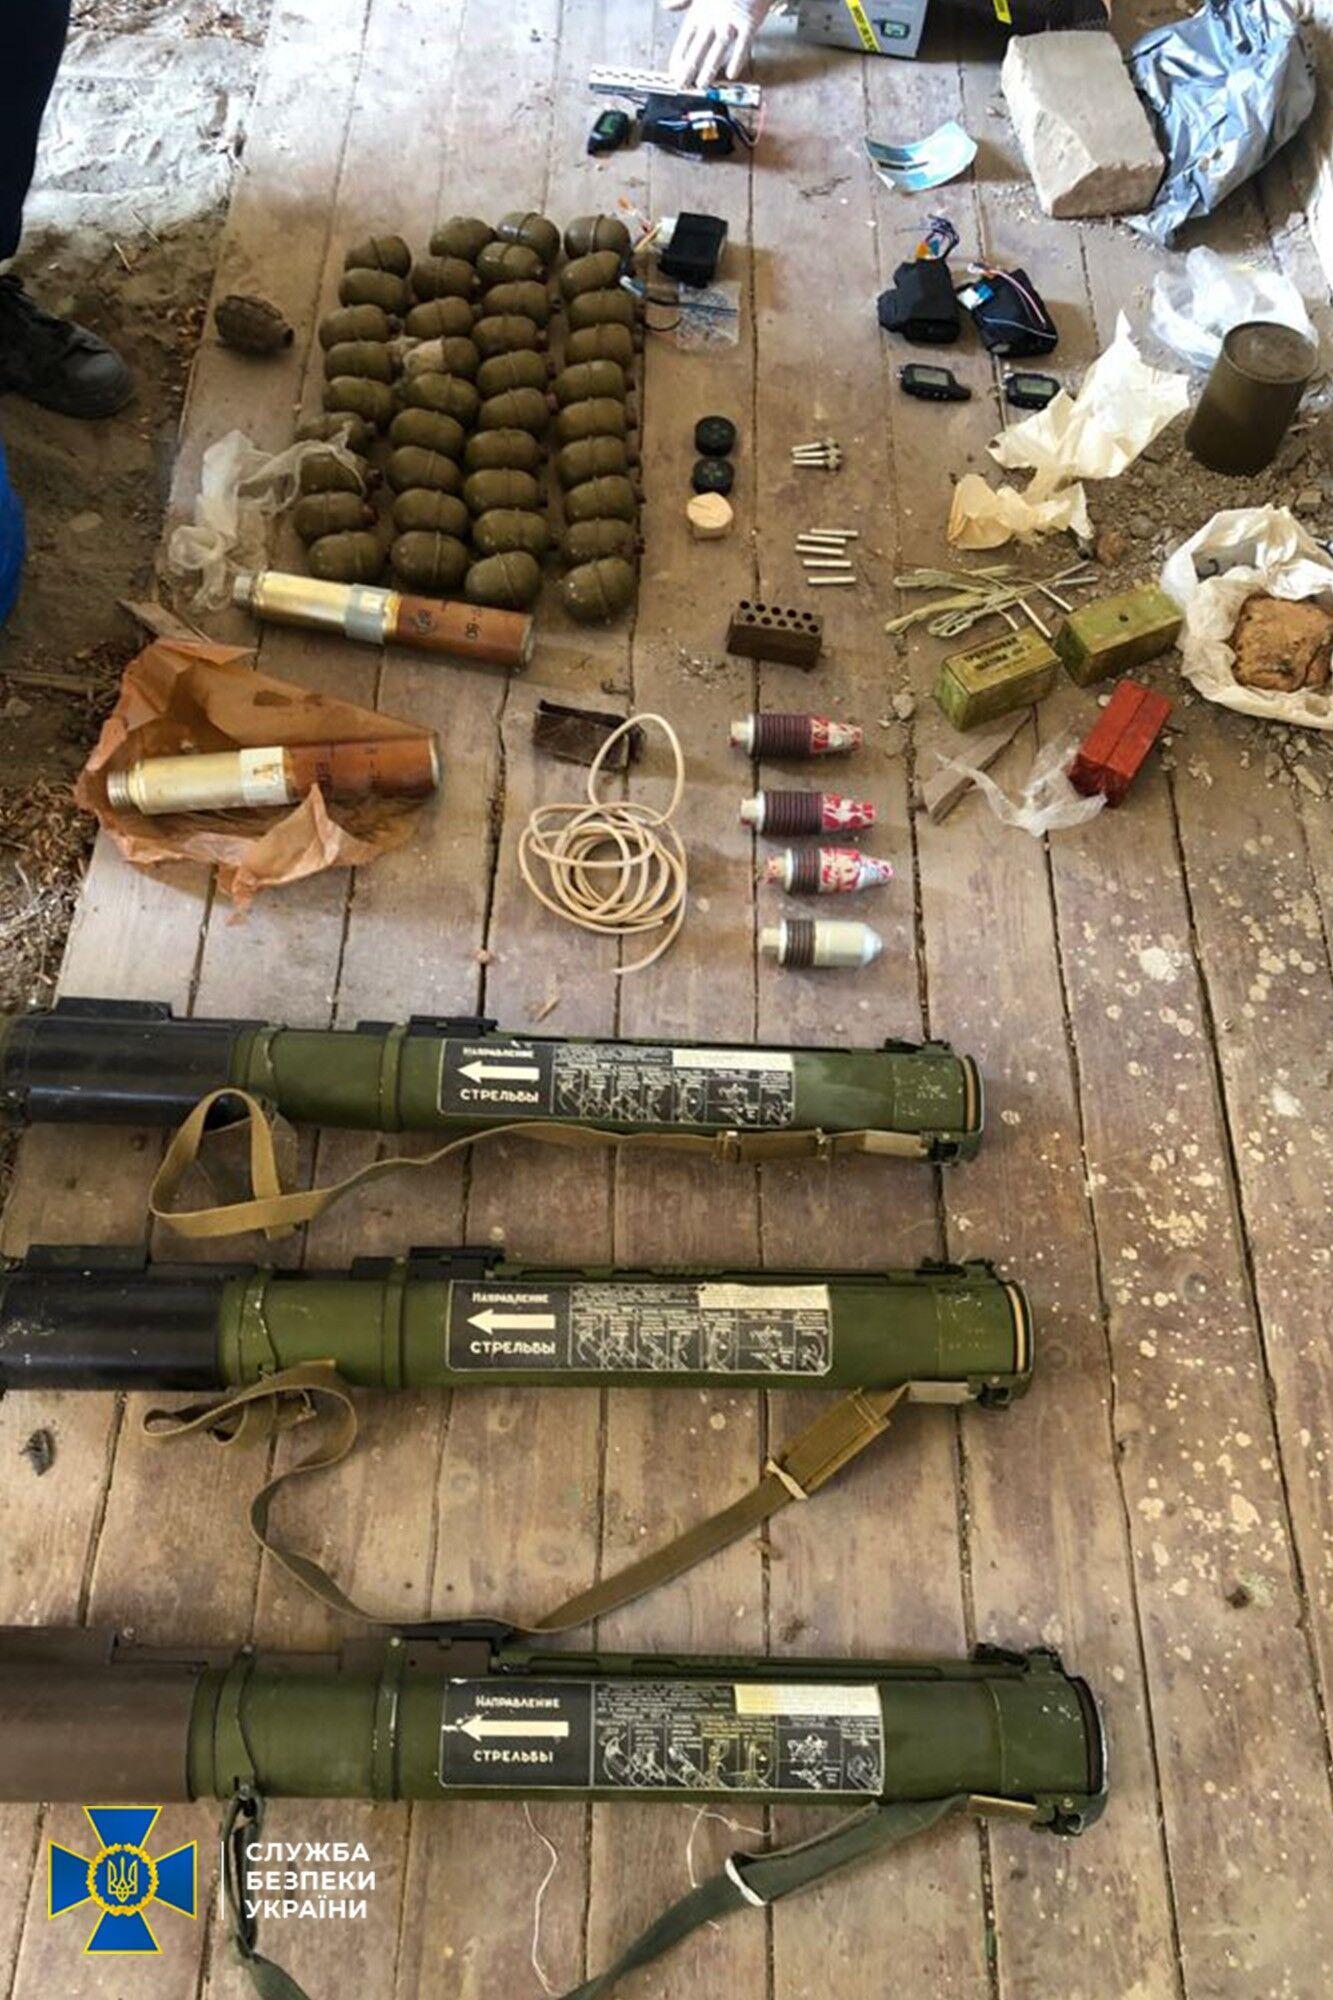 СБУ знайшла в Закарпатській області схрон з арсеналом бойових засобів ураження.